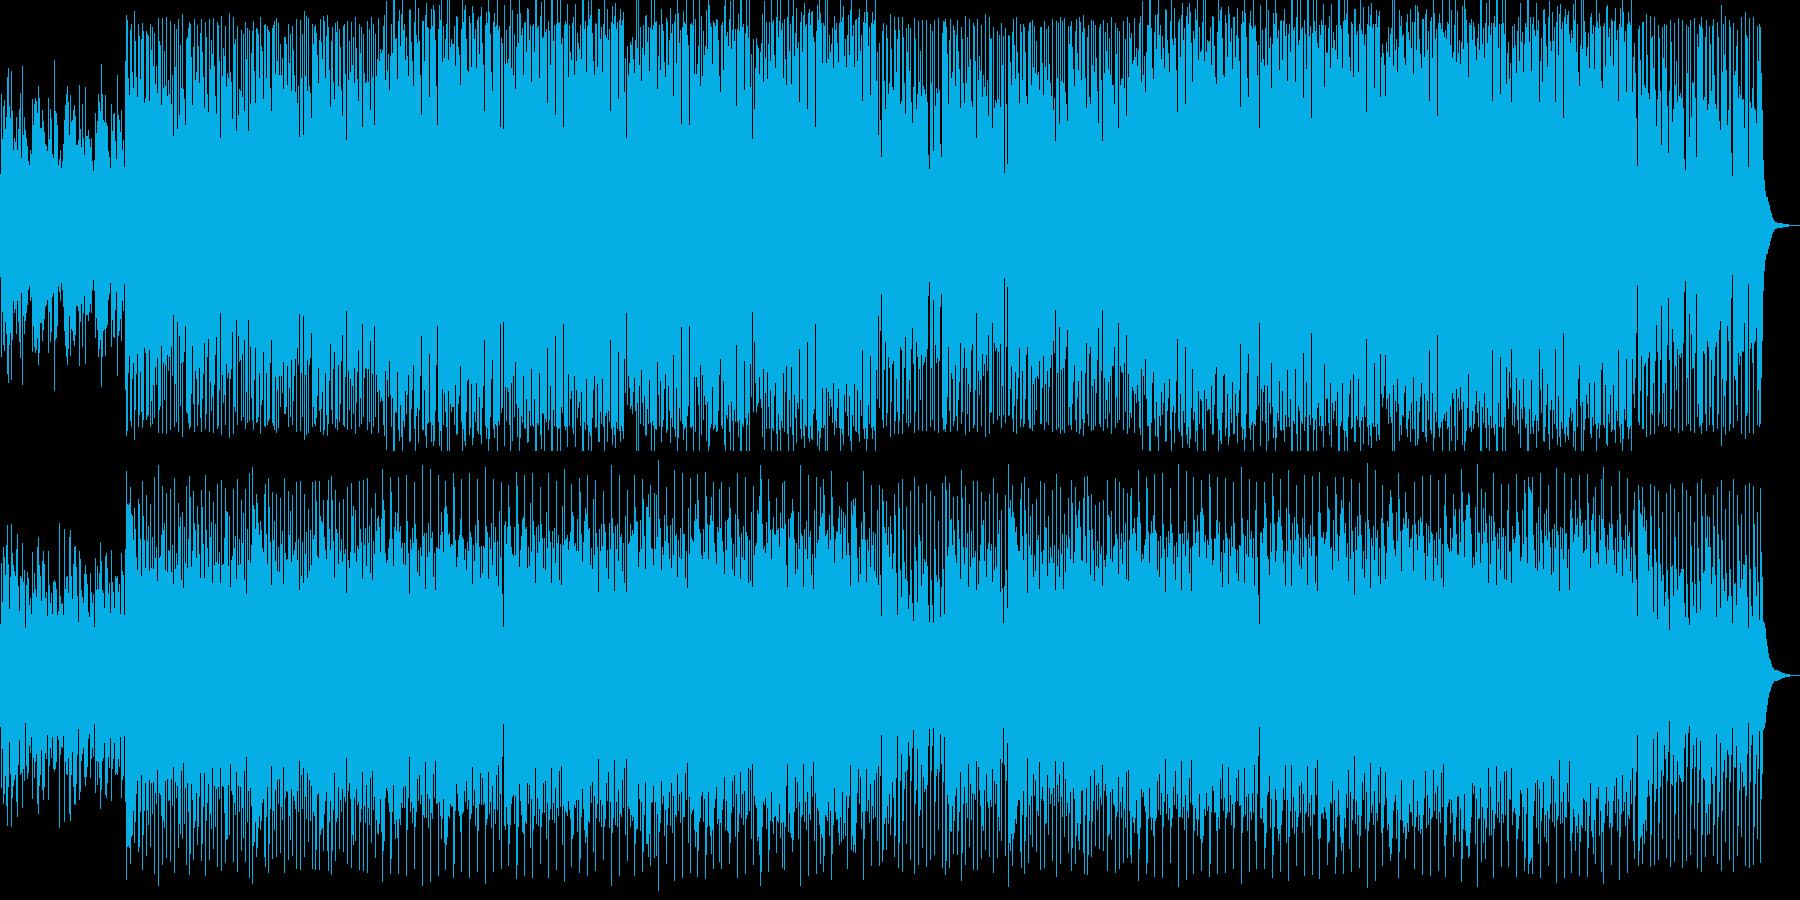 シリアスなシンセサイザーテクノ系EDMの再生済みの波形